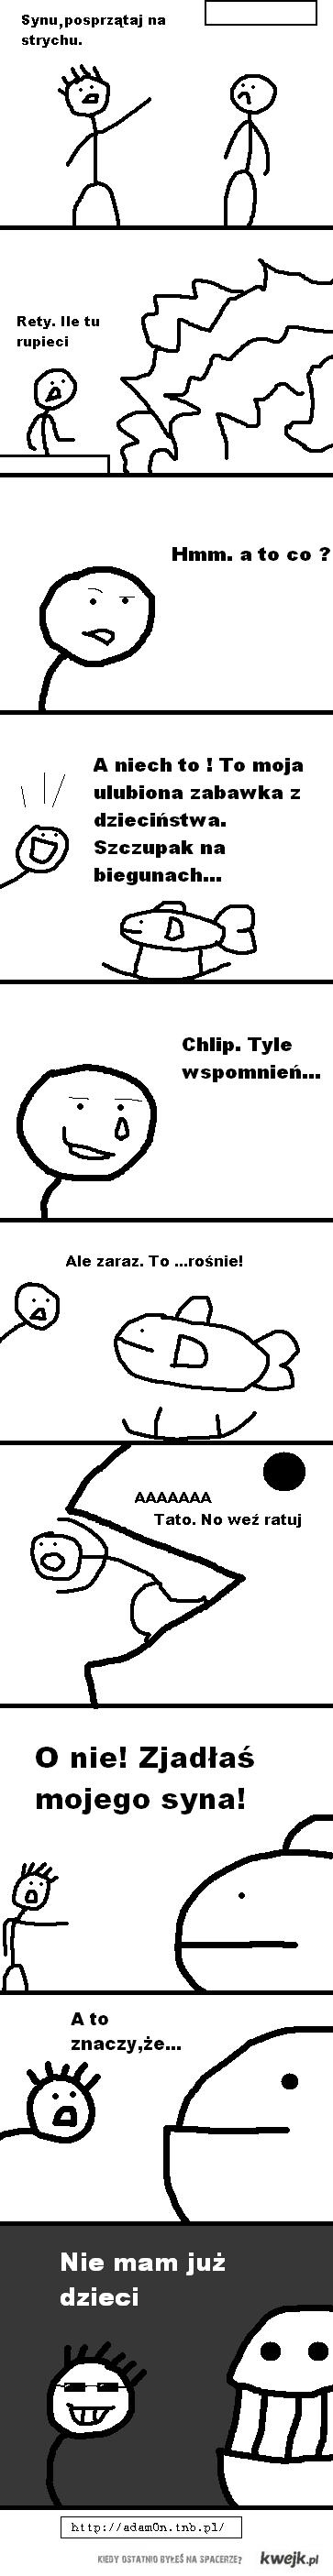 Non-Sense Episode 19